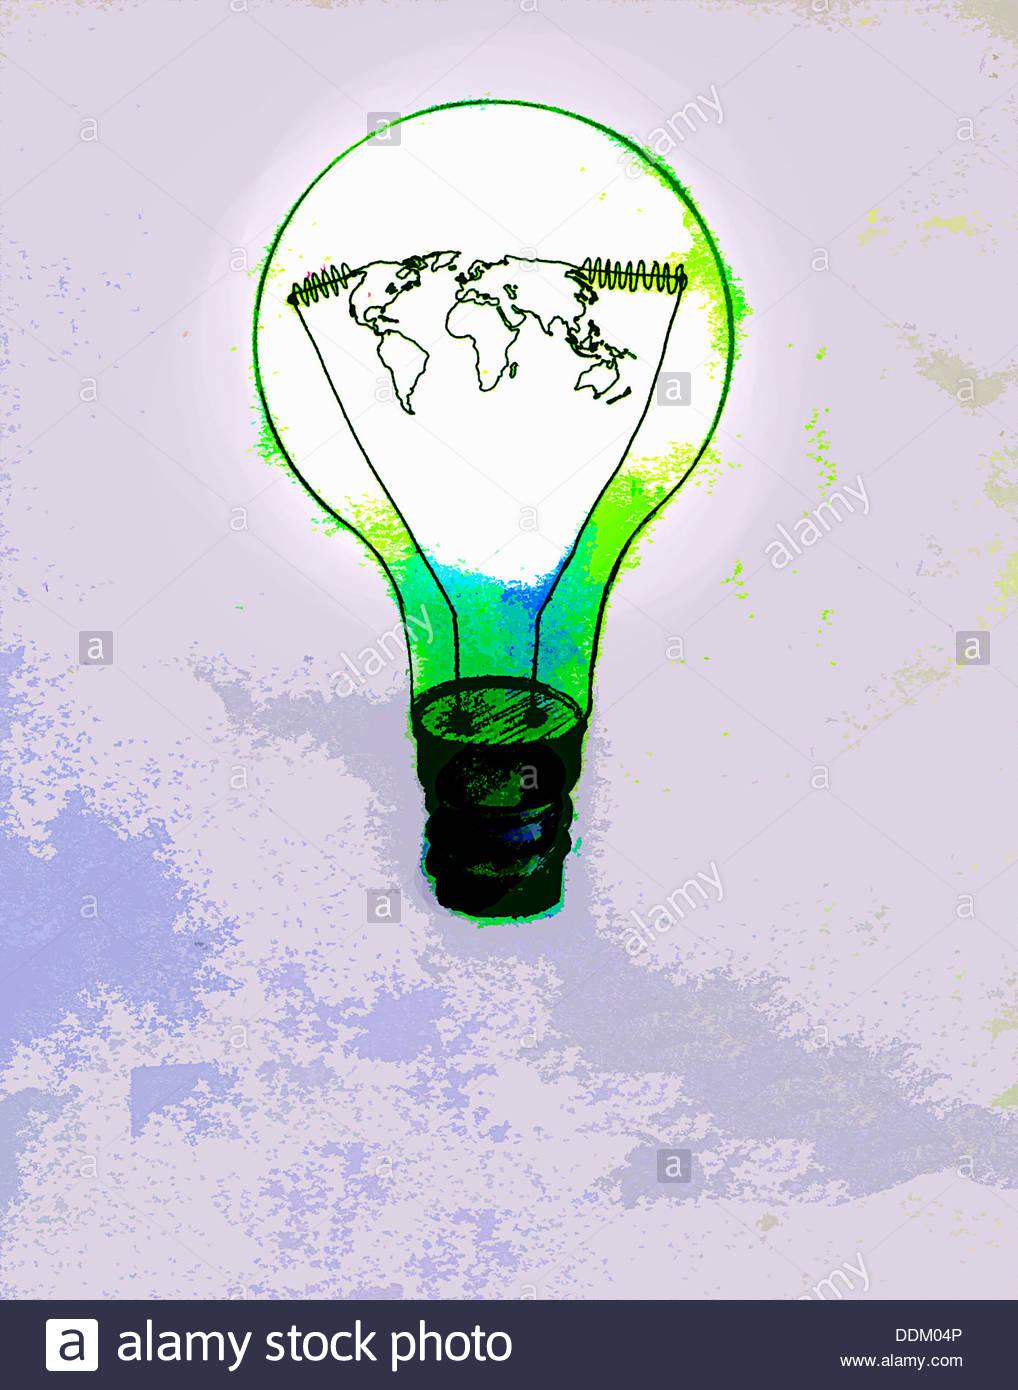 Weltkarte in grün Glühbirne Stockbild